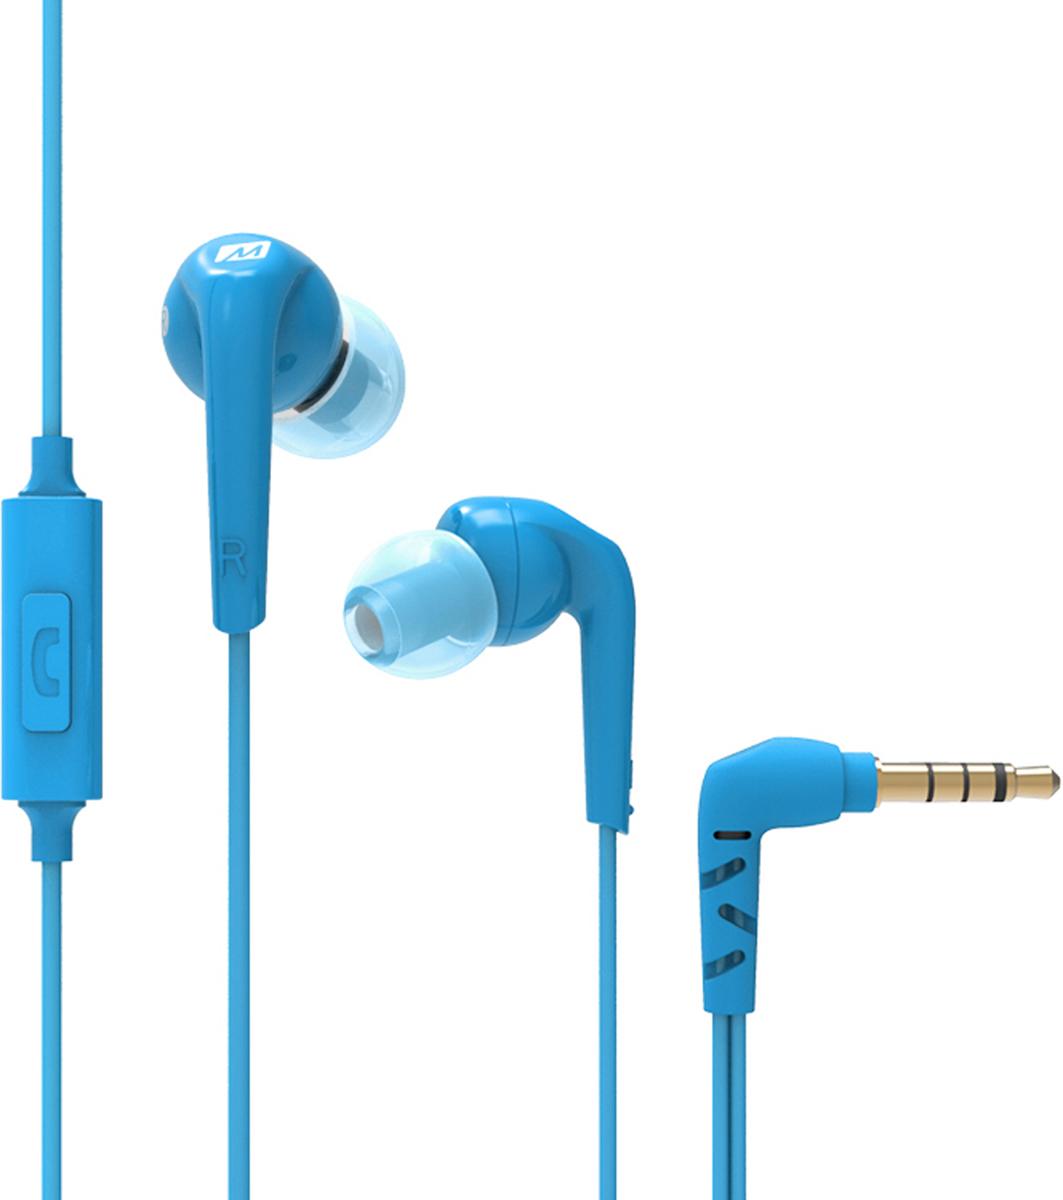 MEE Audiо RX18P COMFORT-FIT, Blue наушникиEP-RX18P-BL-MEERX18P - это легкие и эргономичные наушники, обеспечивающие четкое, улучшенное звучание басов, идеально подходящее для музыки, фильмов, игр, аудиокниг и других материалов. Встроенный микрофон и пульт дистанционного управления позволяют вам отвечать на вызовы и воспроизводить, приостанавливать и пропускать дорожки, сохраняя при этом ваш телефон или медиаплеер в кармане.ОСОБЕННОСТИ: Легкие наушники-вкладыши, разработанные для комфортного использования в повседневной жизни 10-миллиметровые динамические драйверы выдают чистый и четкий звук с глубокими, но контролируемыми басами Эргономичный дизайн наушников следует естественной форме уха, чтобы обеспечить комфорт на весь день Встроенный микрофон и пульт для iPhone, iPad, iPod, других смартфонов и планшетов Комплект включает в себя 3 размера амбушюрСОЗДАНЫ ДЛЯ КОМФОРТА Маленькие и легкие наушники RX18P, разработаны для легкого и комфортного использования, соответствуют естественной форме уха. Три различных размера амбушюр в комплекте позволят вам получить исключительный комфорт и надежную посадку, при которой наушники удержатся даже в самых маленьких ушах.ШУМОИЗОЛЯЦИОННЫЙ ДИЗАЙН Удобная вставка для ушей и множество размеров прилагаемых советов для ушей помогают обеспечить наилучшее уплотнение для ваших ушей, усиление басового ответа, снижение внешнего шума и предотвращение прослушивания музыки вокруг вас.